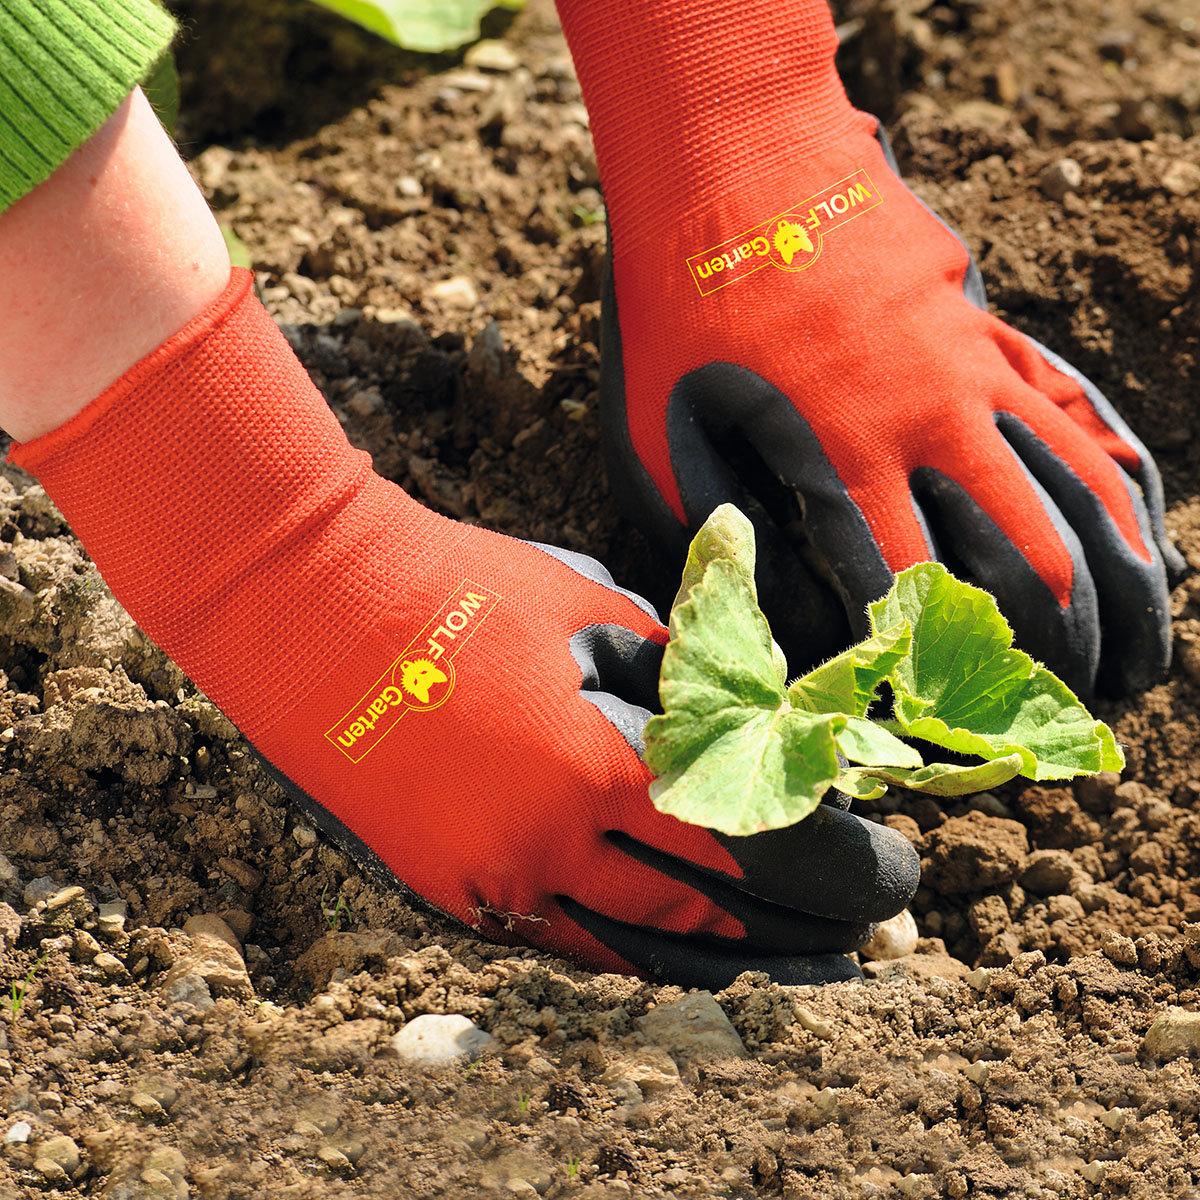 Beet-Handschuh Boden GH-BO 8, Größe 8 | #2